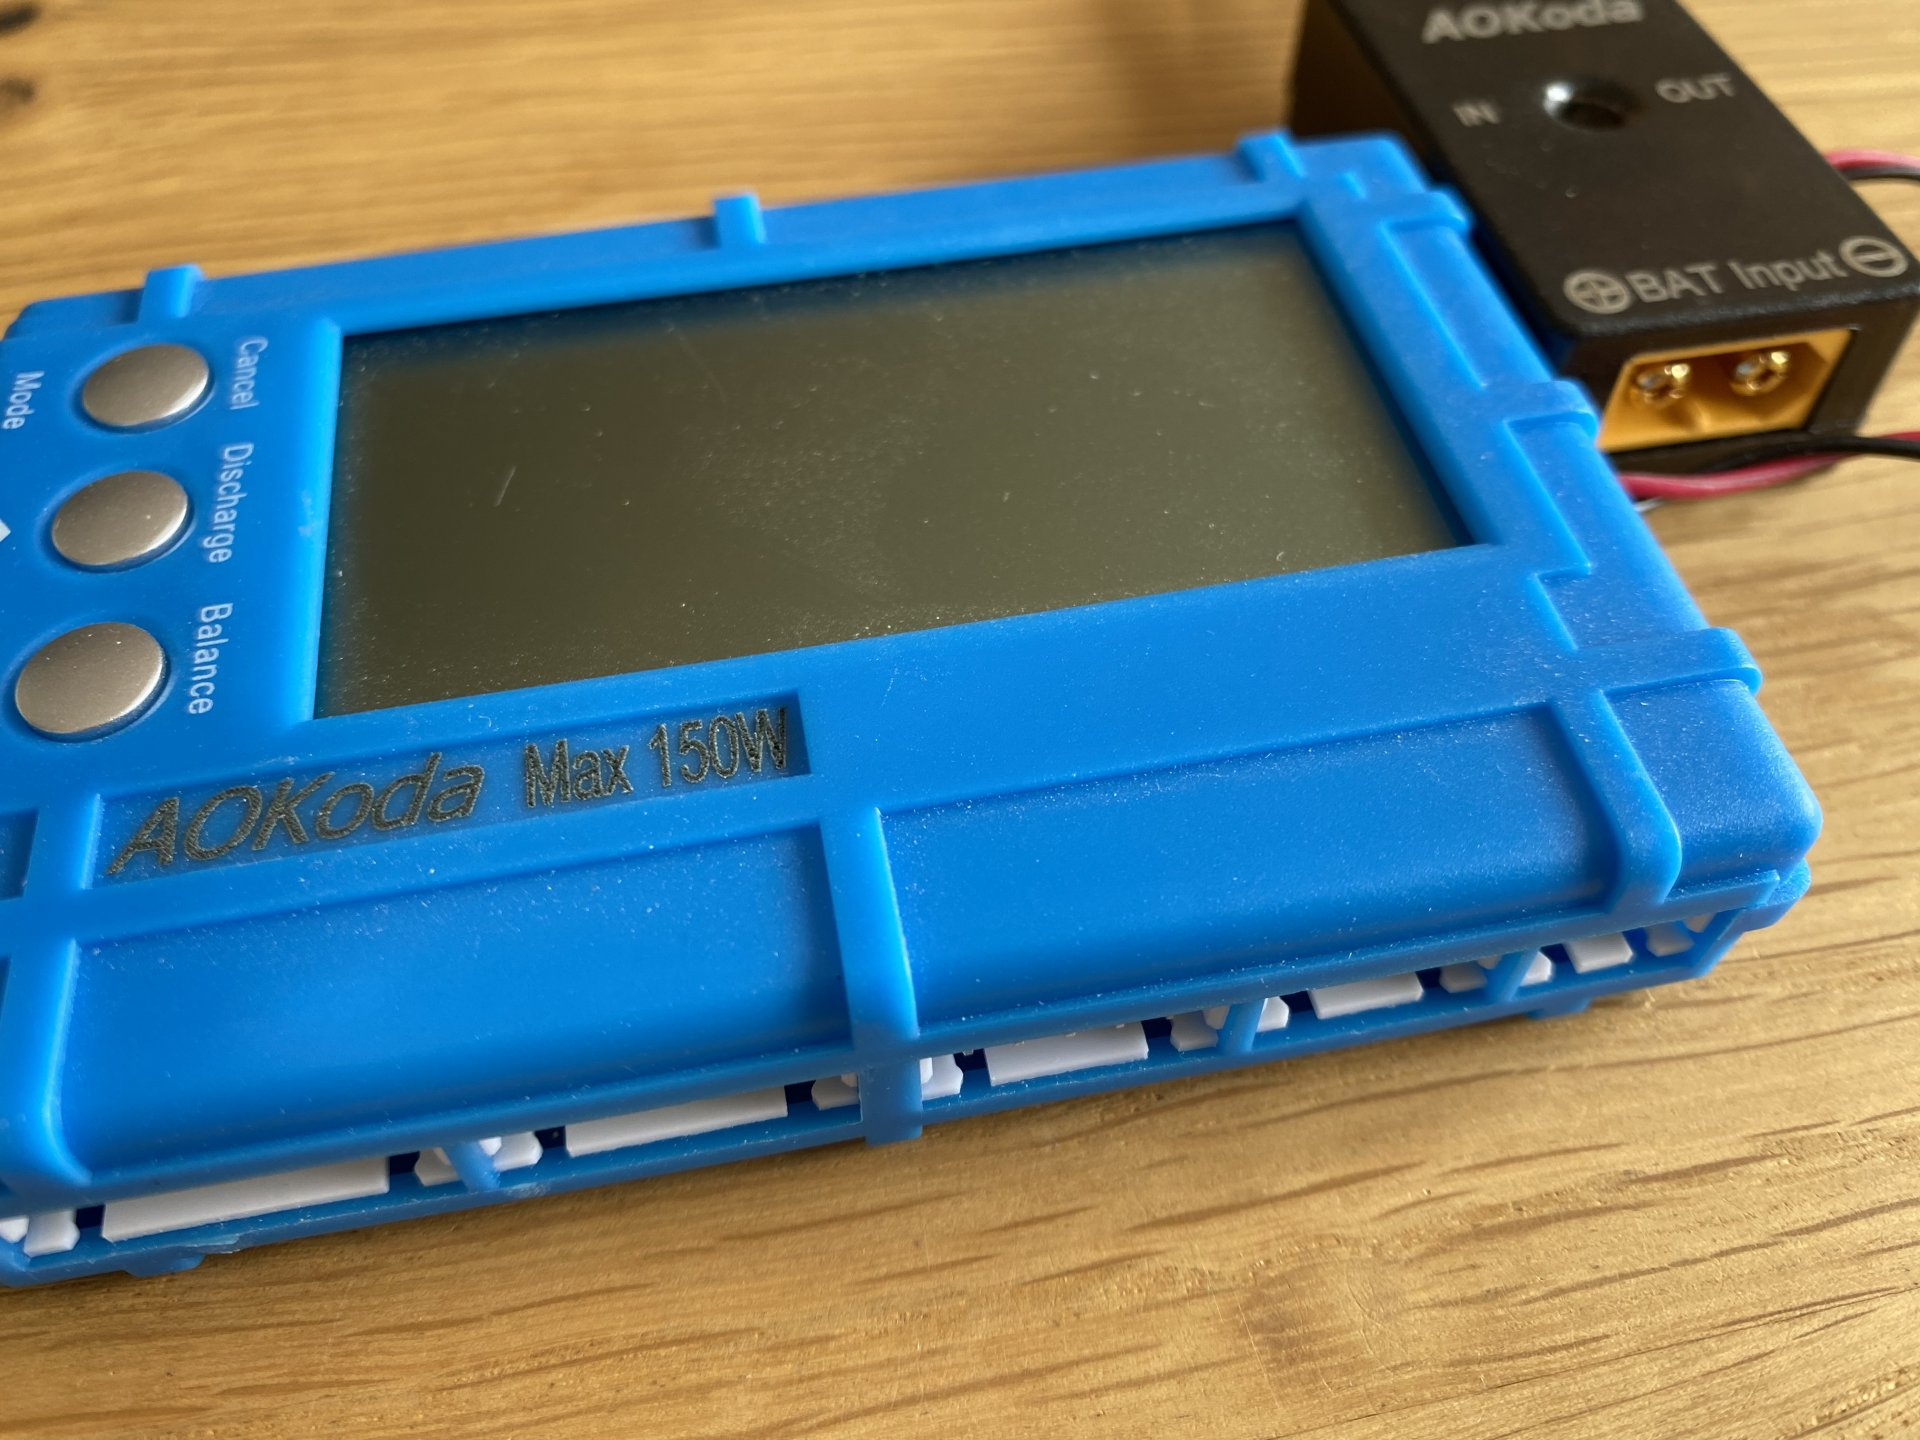 33CB0048-B383-47D0-AD00-D5C96F14CCD8.jpeg